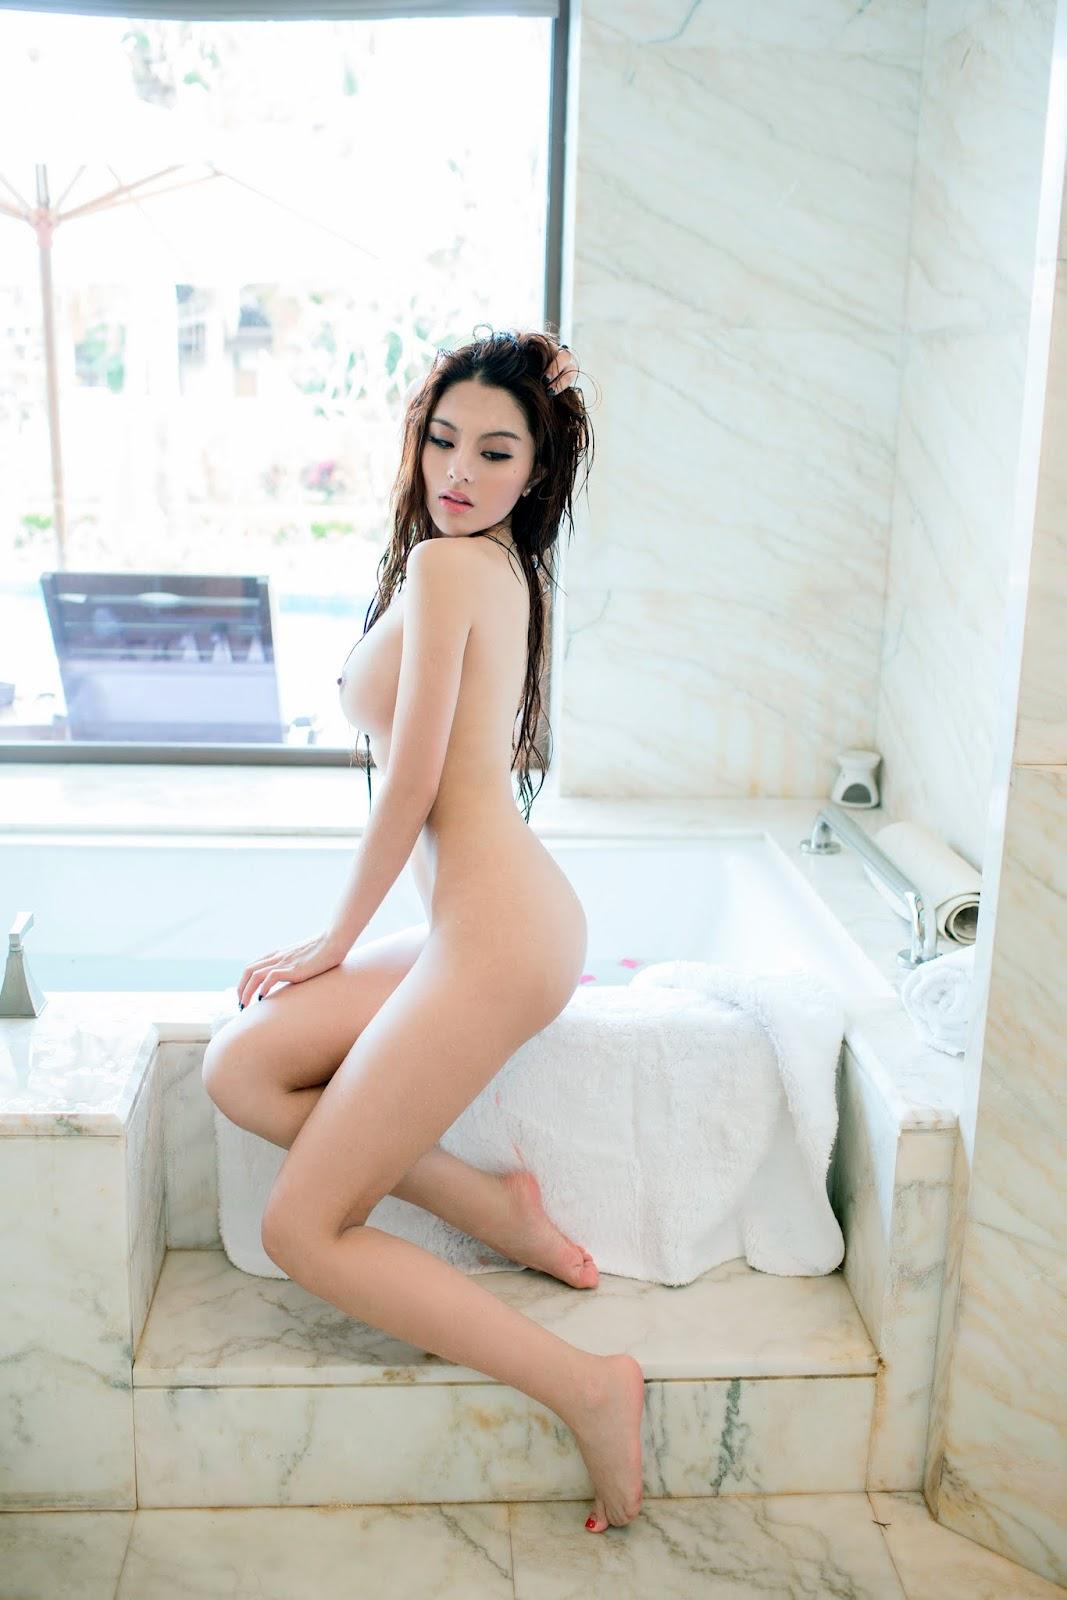 %252B%252B%252B%25C2%25AC %252B 14 - Naked Nude Girl TUIGIRL NO.51 Model